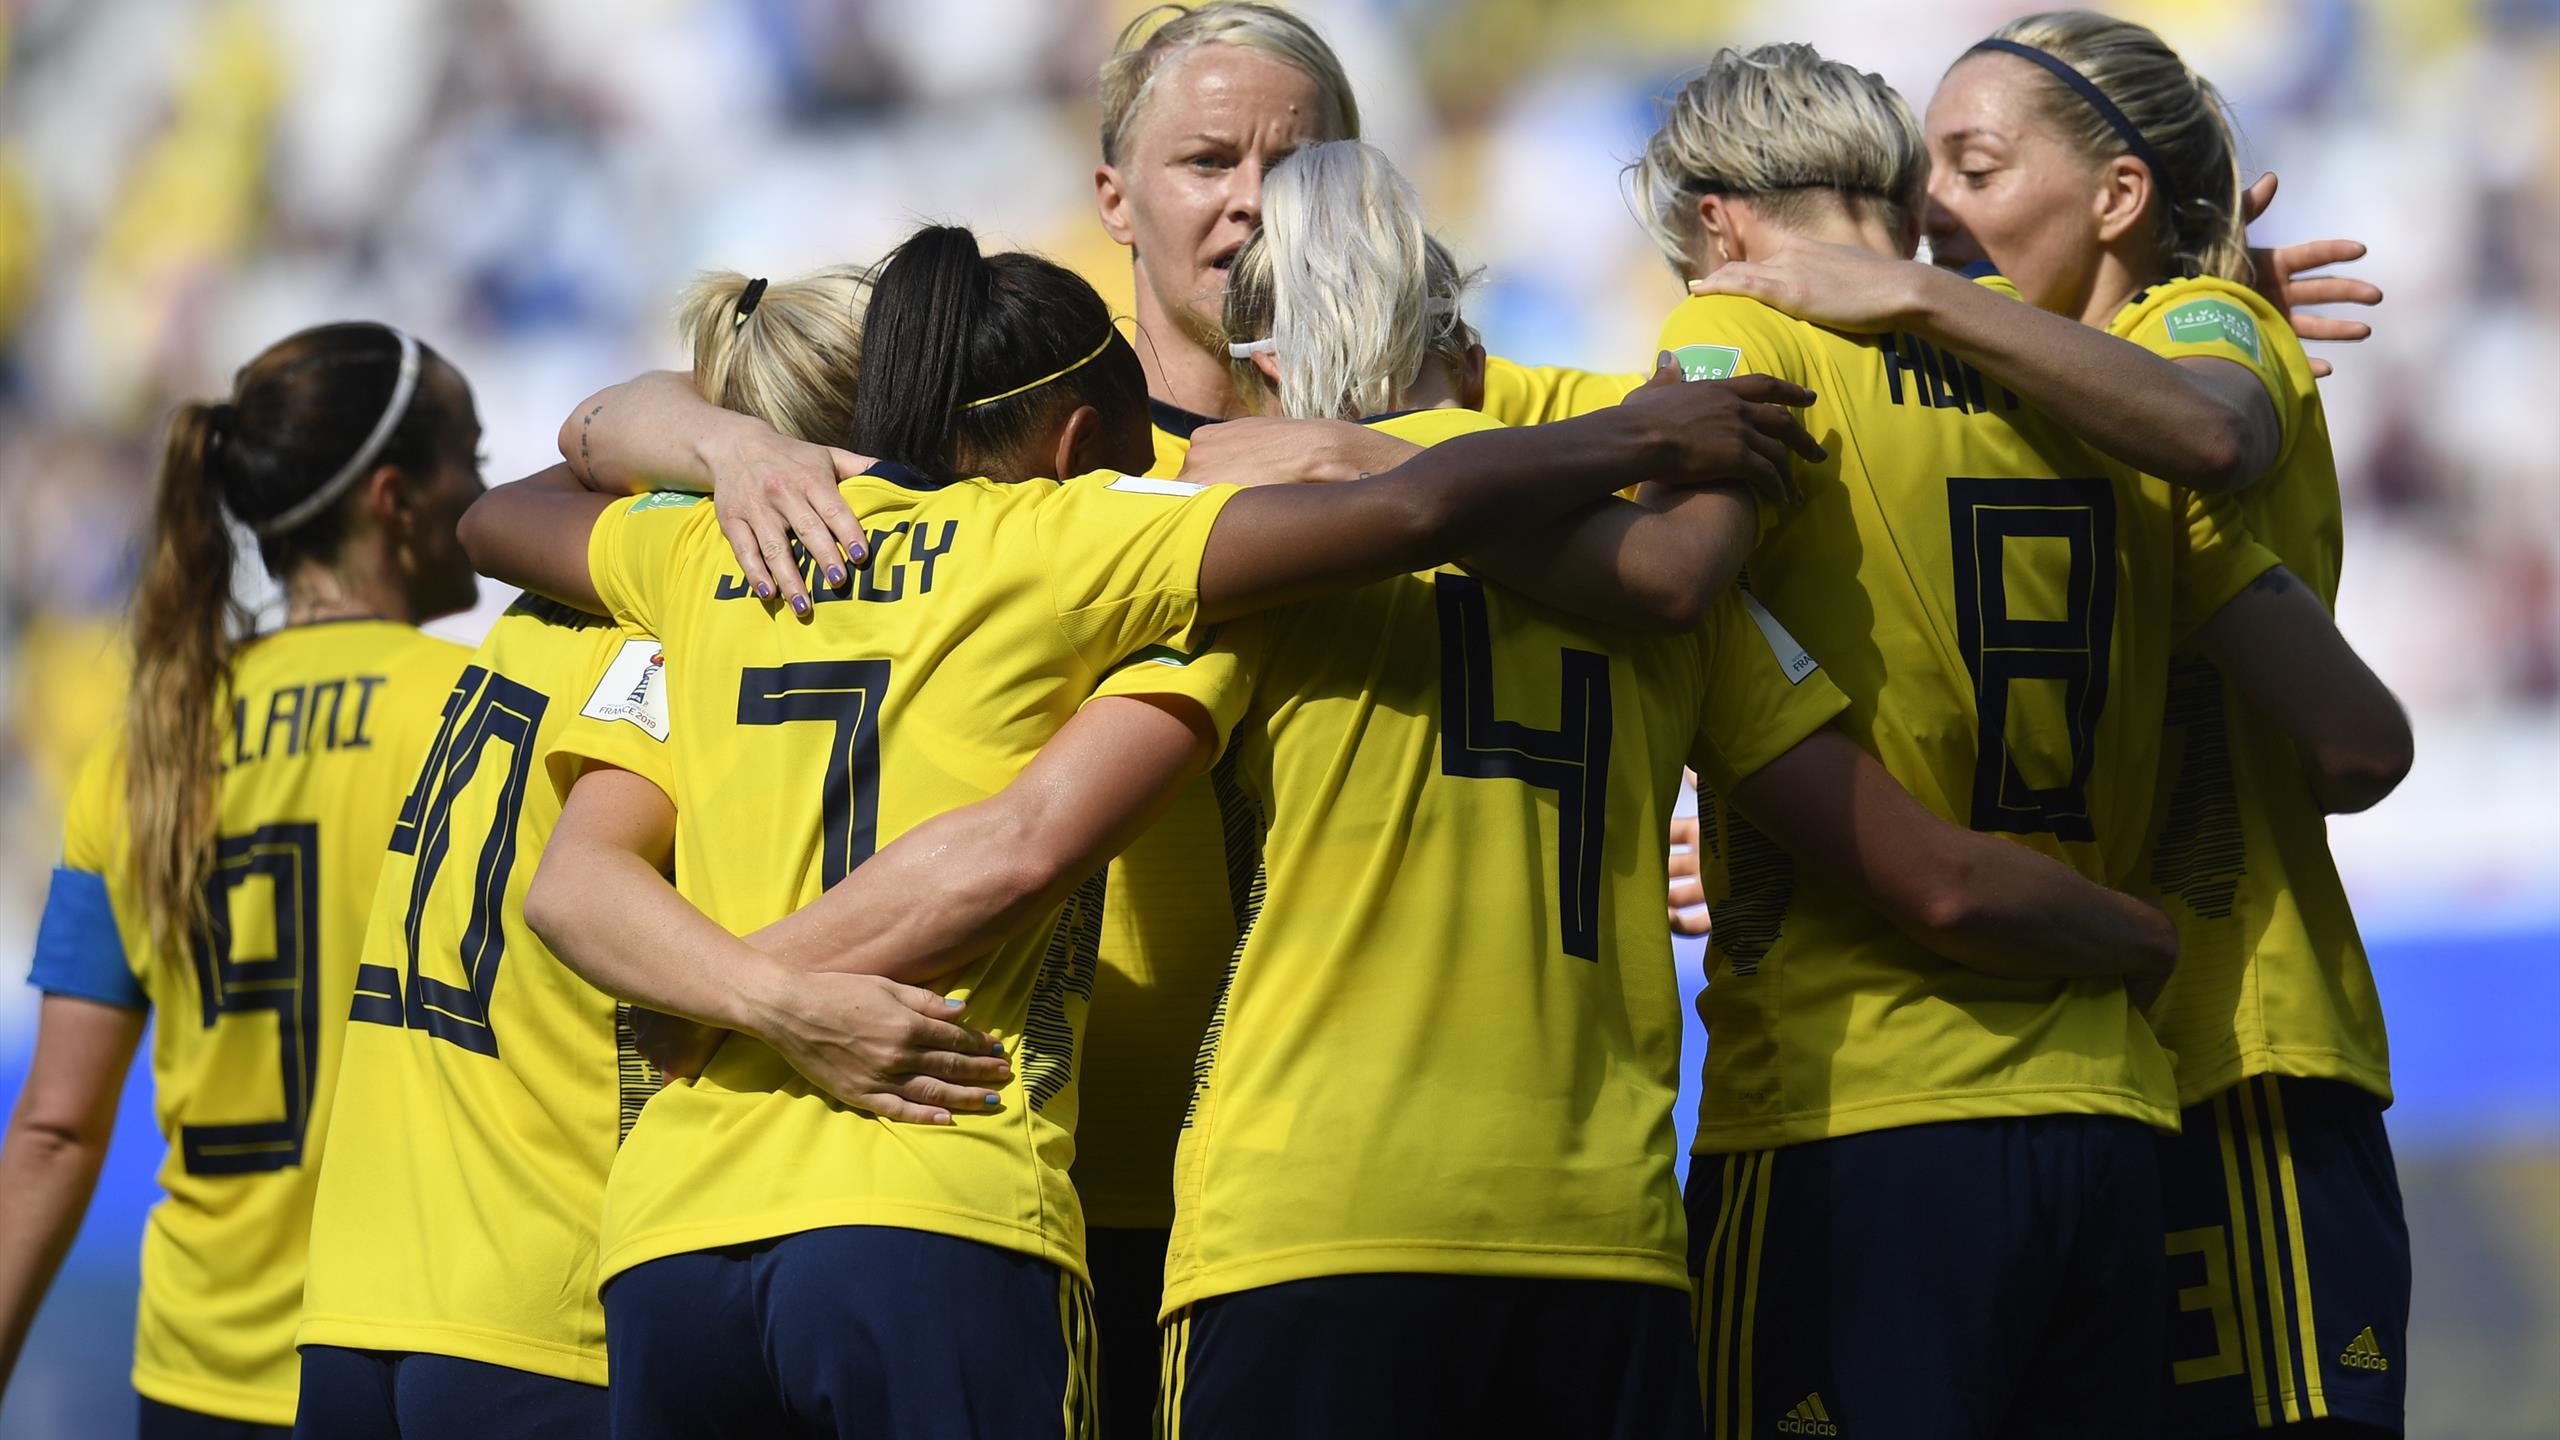 Ergebnisse Frauenfußball Weltmeisterschaft